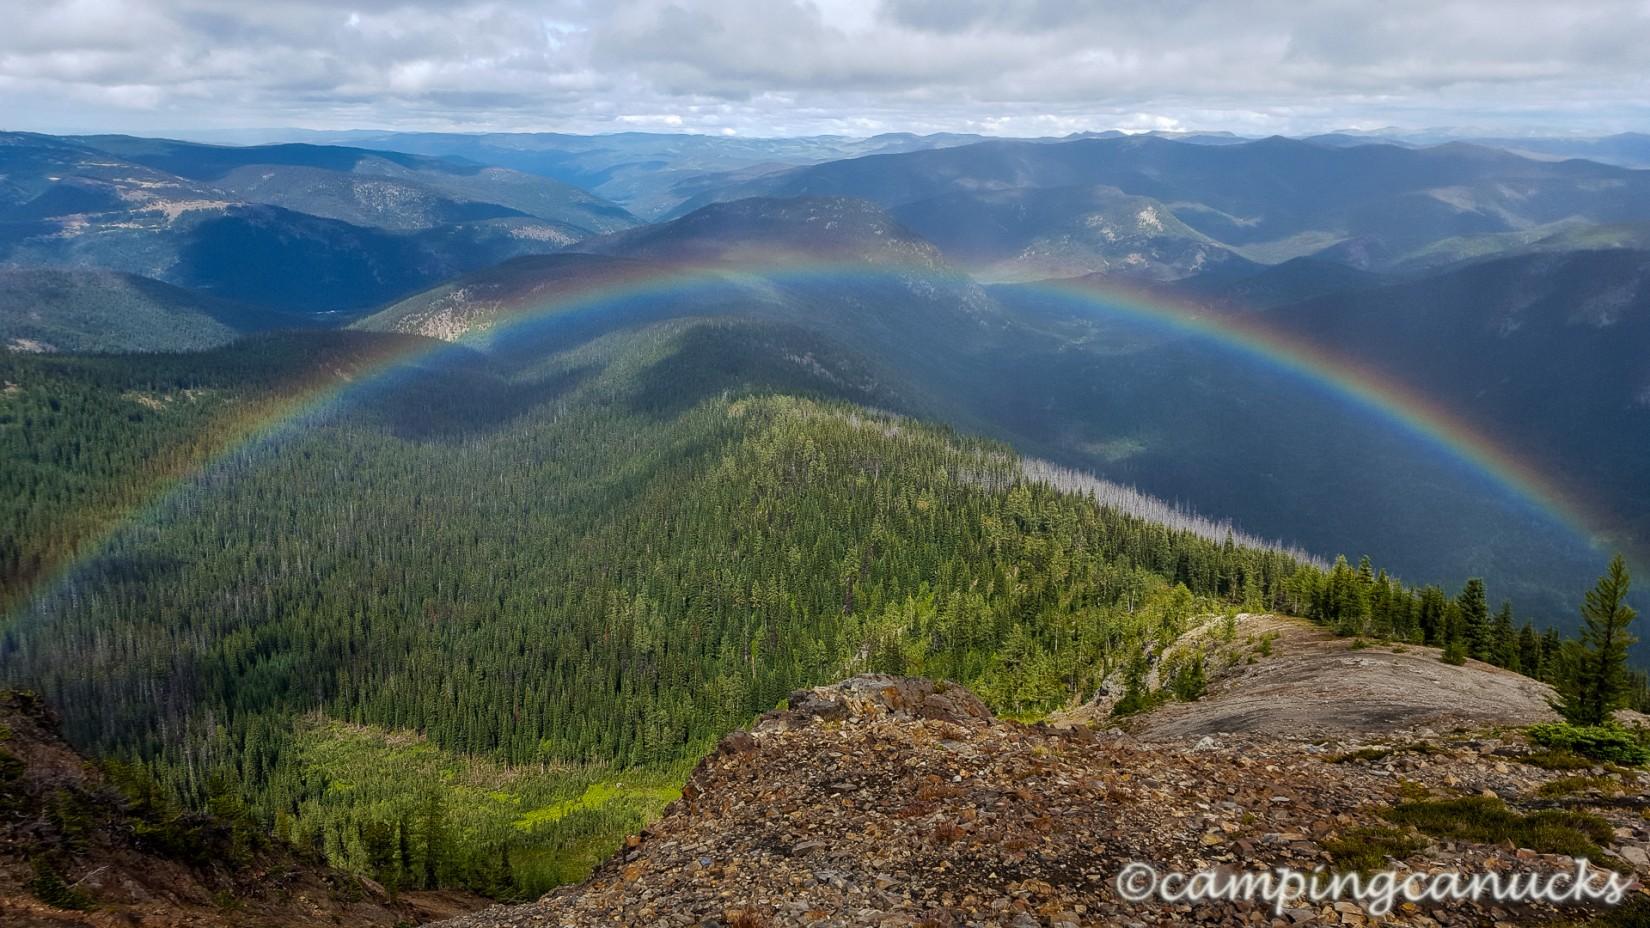 Vivid rainbow